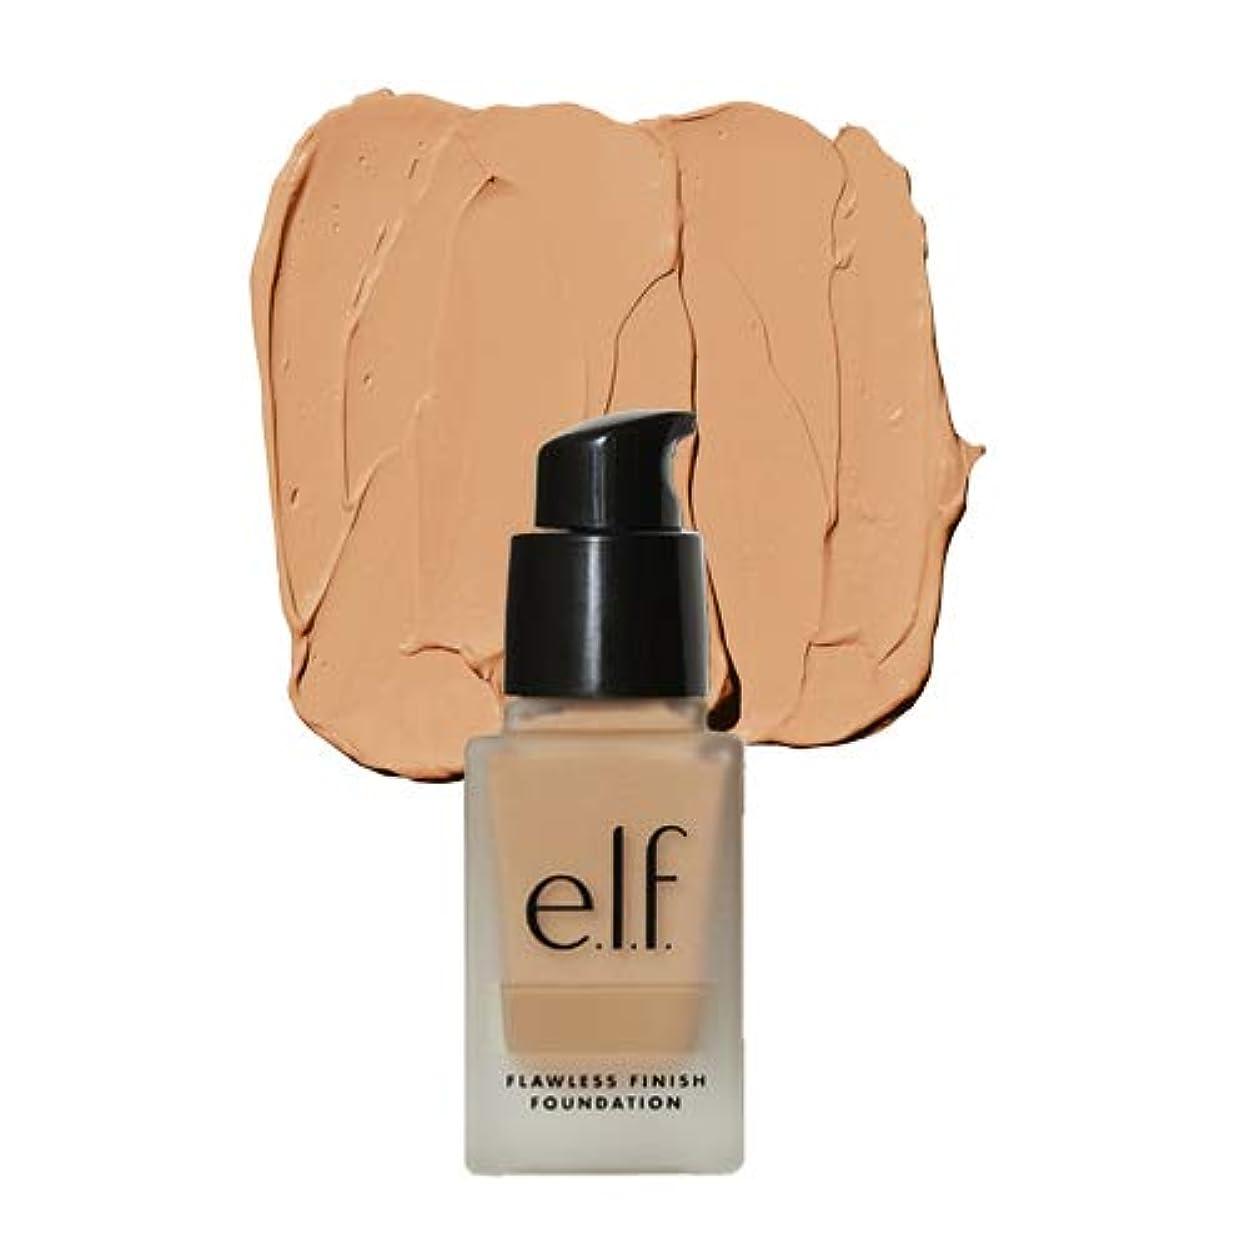 治療感動するうなずく(3 Pack) e.l.f. Oil Free Flawless Finish Foundation - Toffee (並行輸入品)